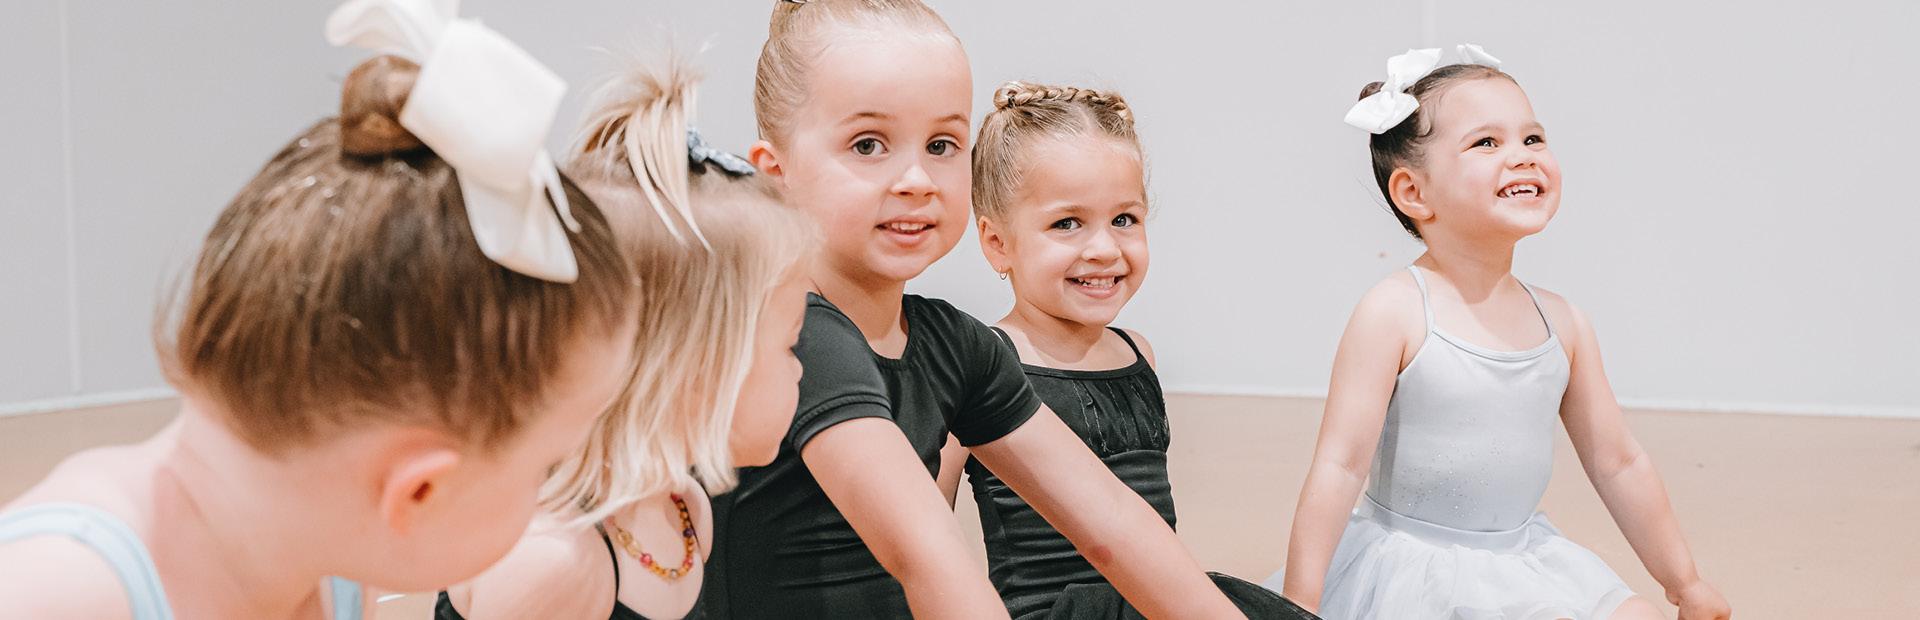 Jody Marshall Dance Company - Students